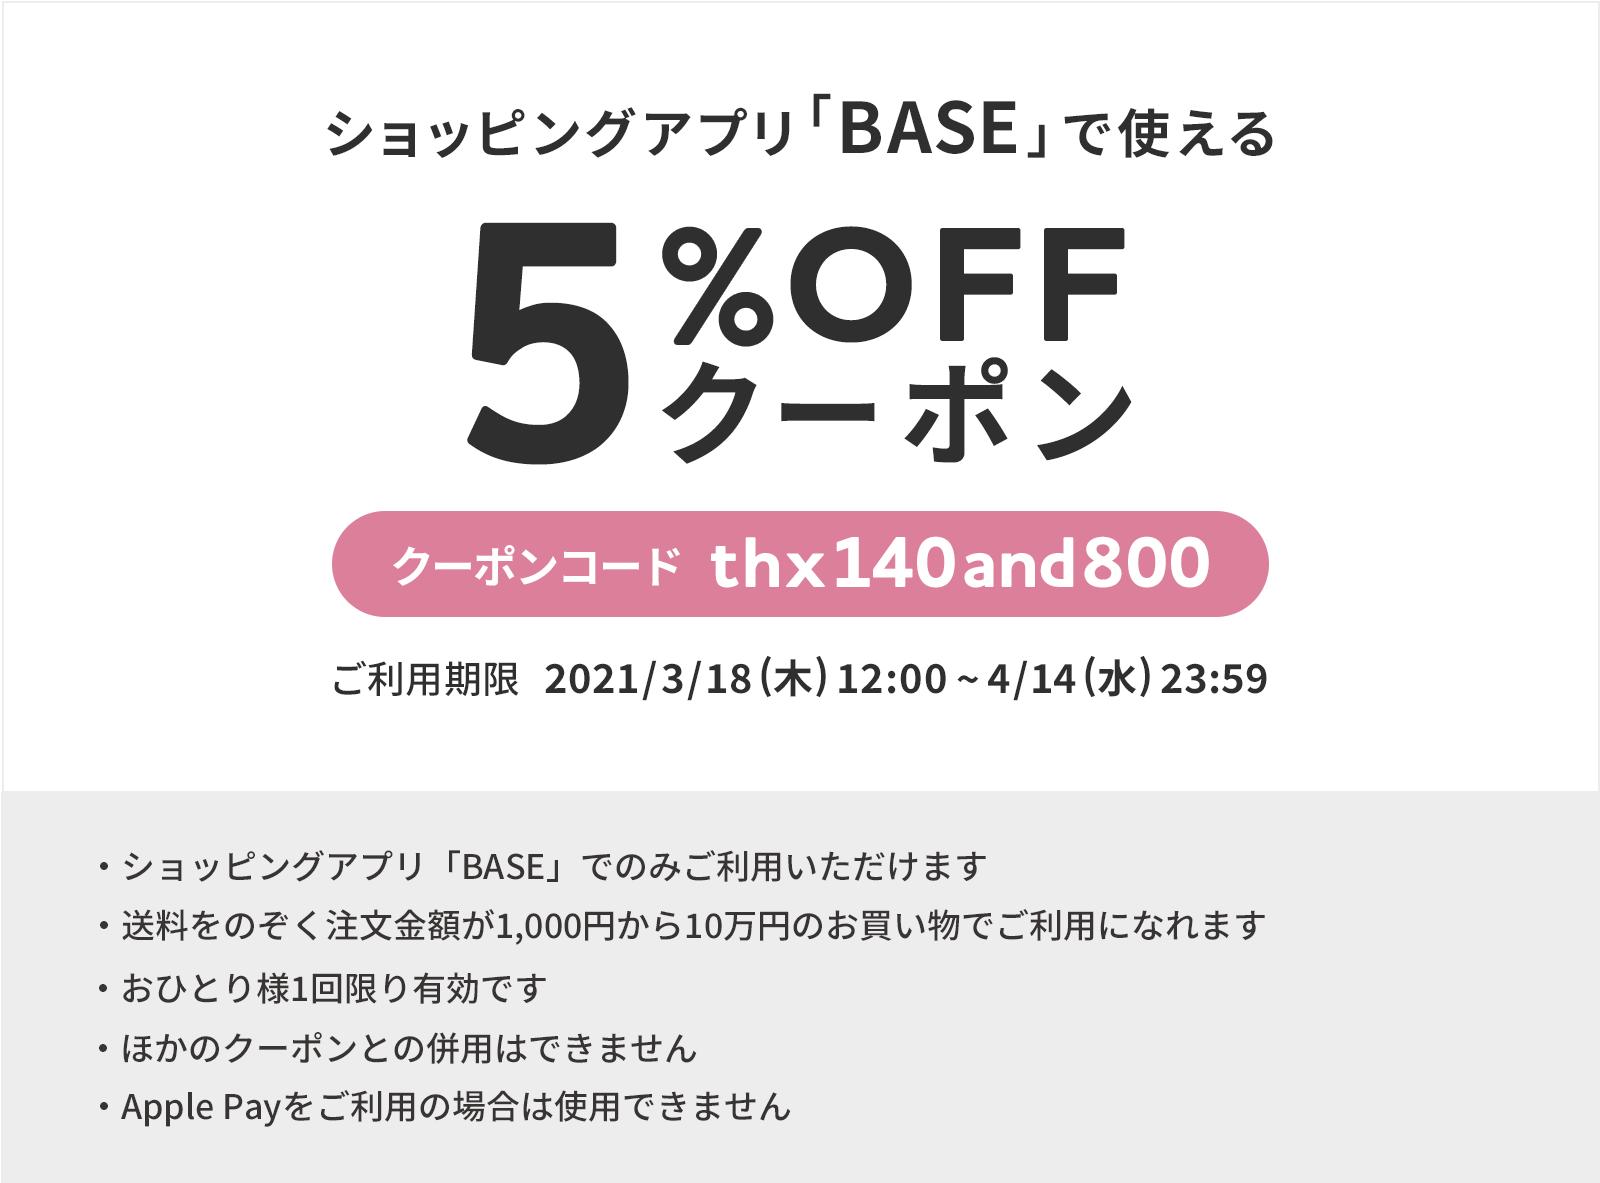 期間限定! 全商品5%OFFクーポン配布中!!